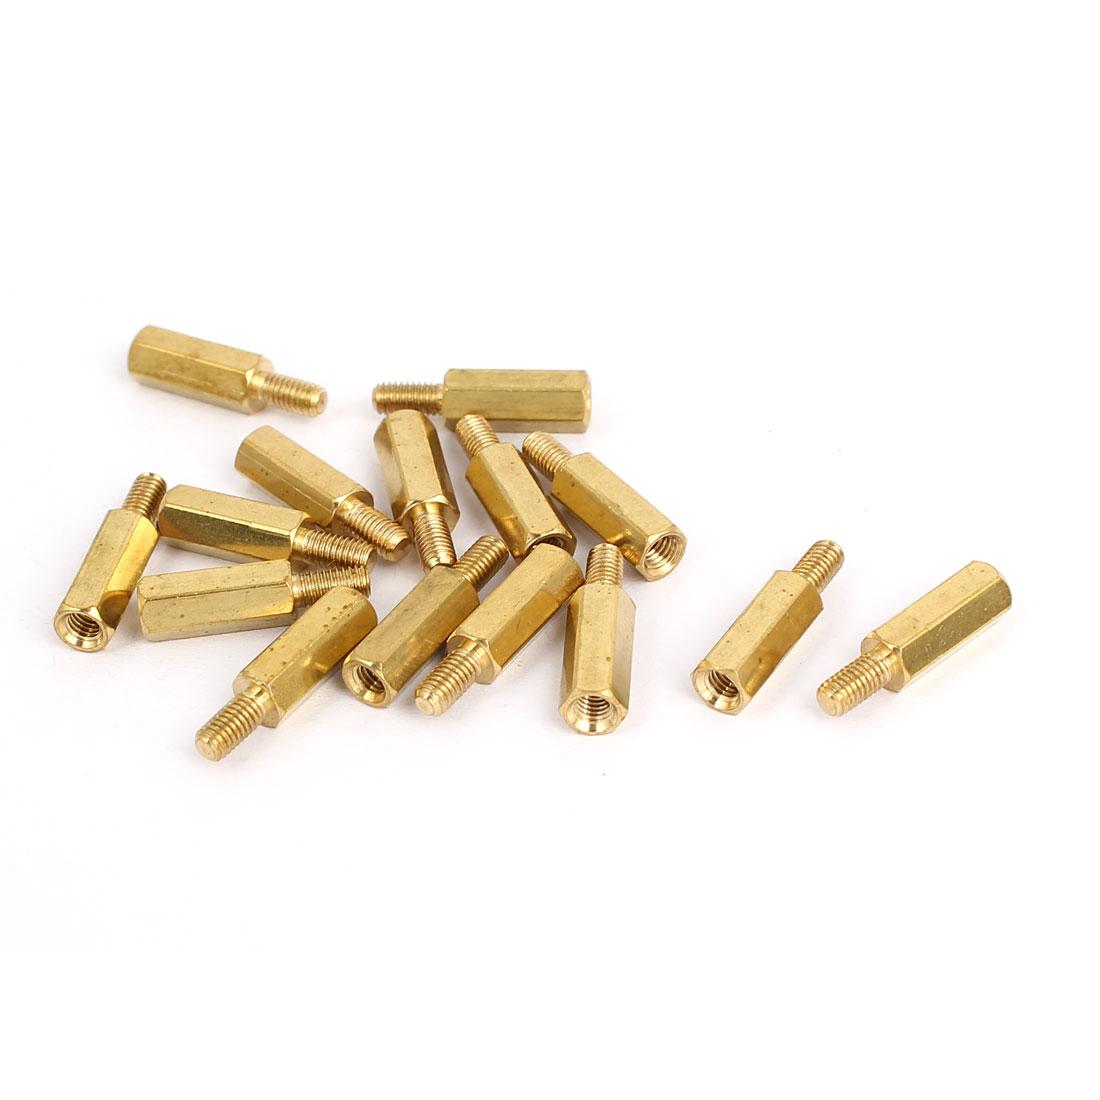 M3x12mm+6mm Brass Threaded Hex Hexagonal Male/Female Standoff Spacer Pillar 15pcs